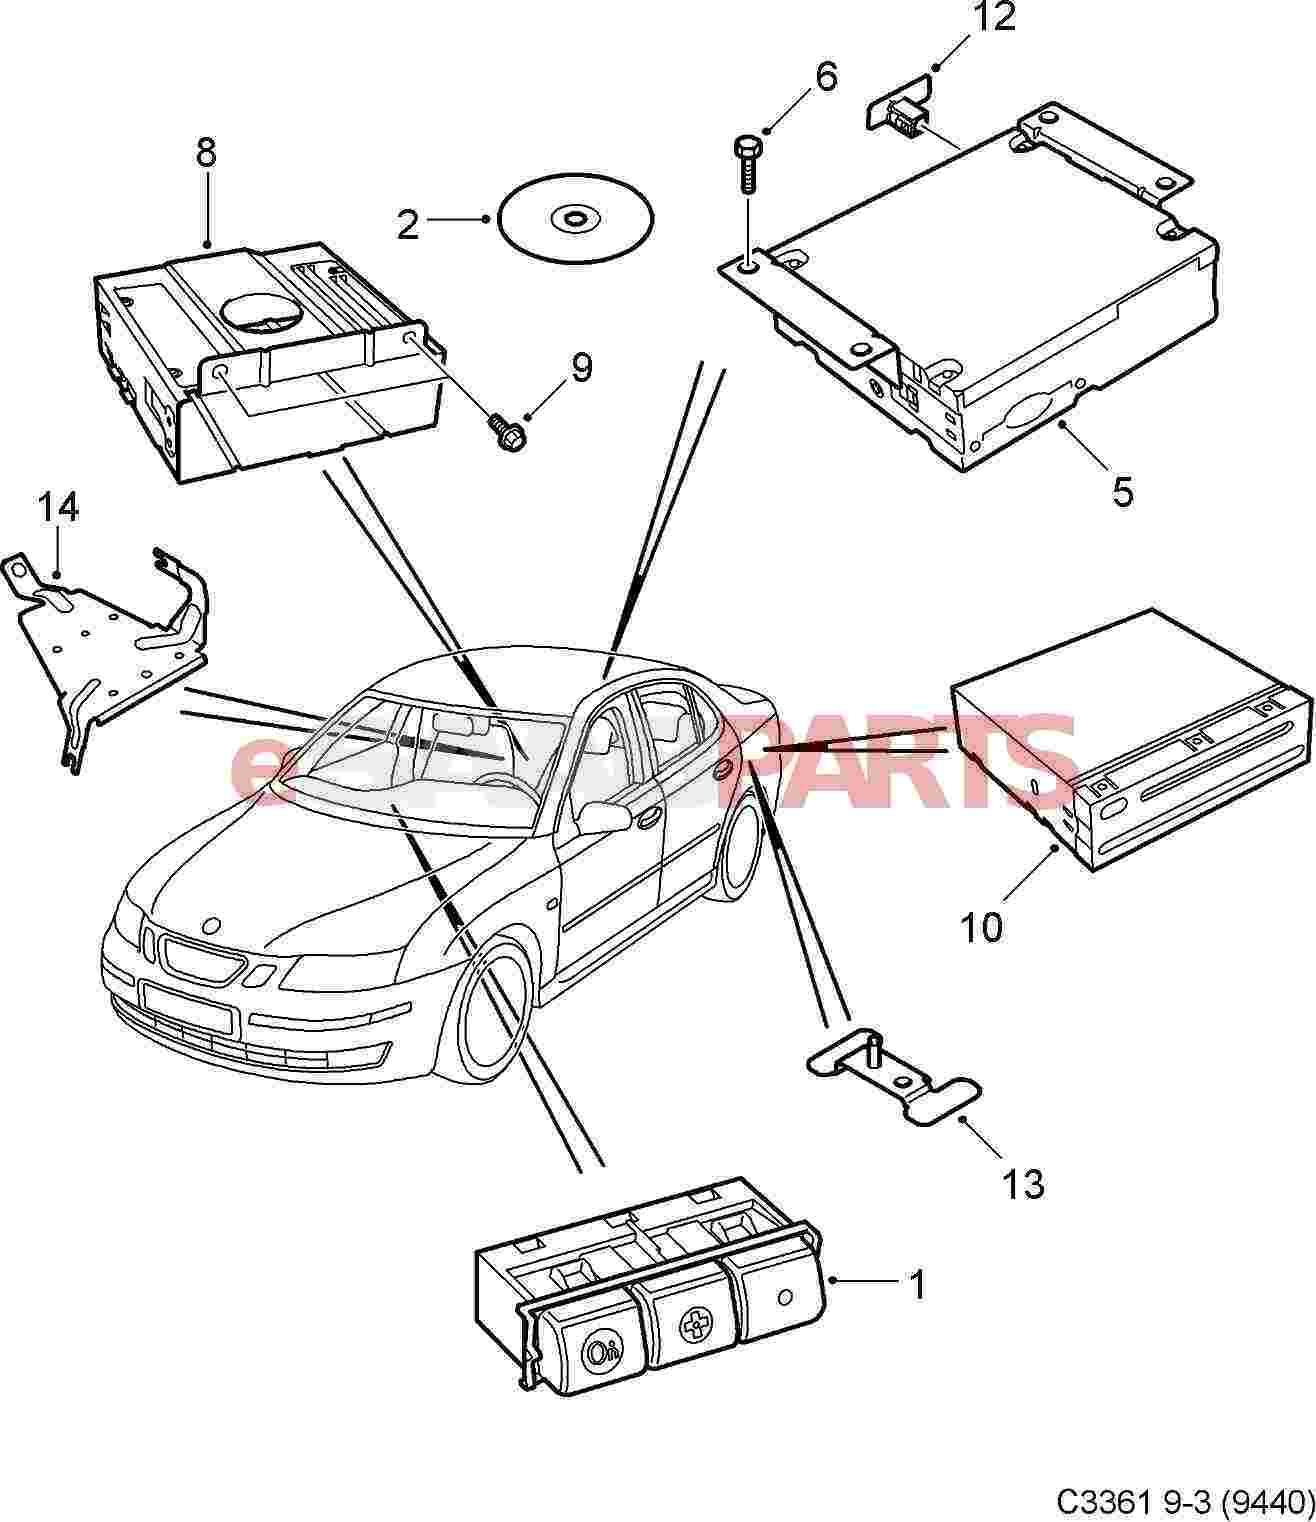 Diagram image 12